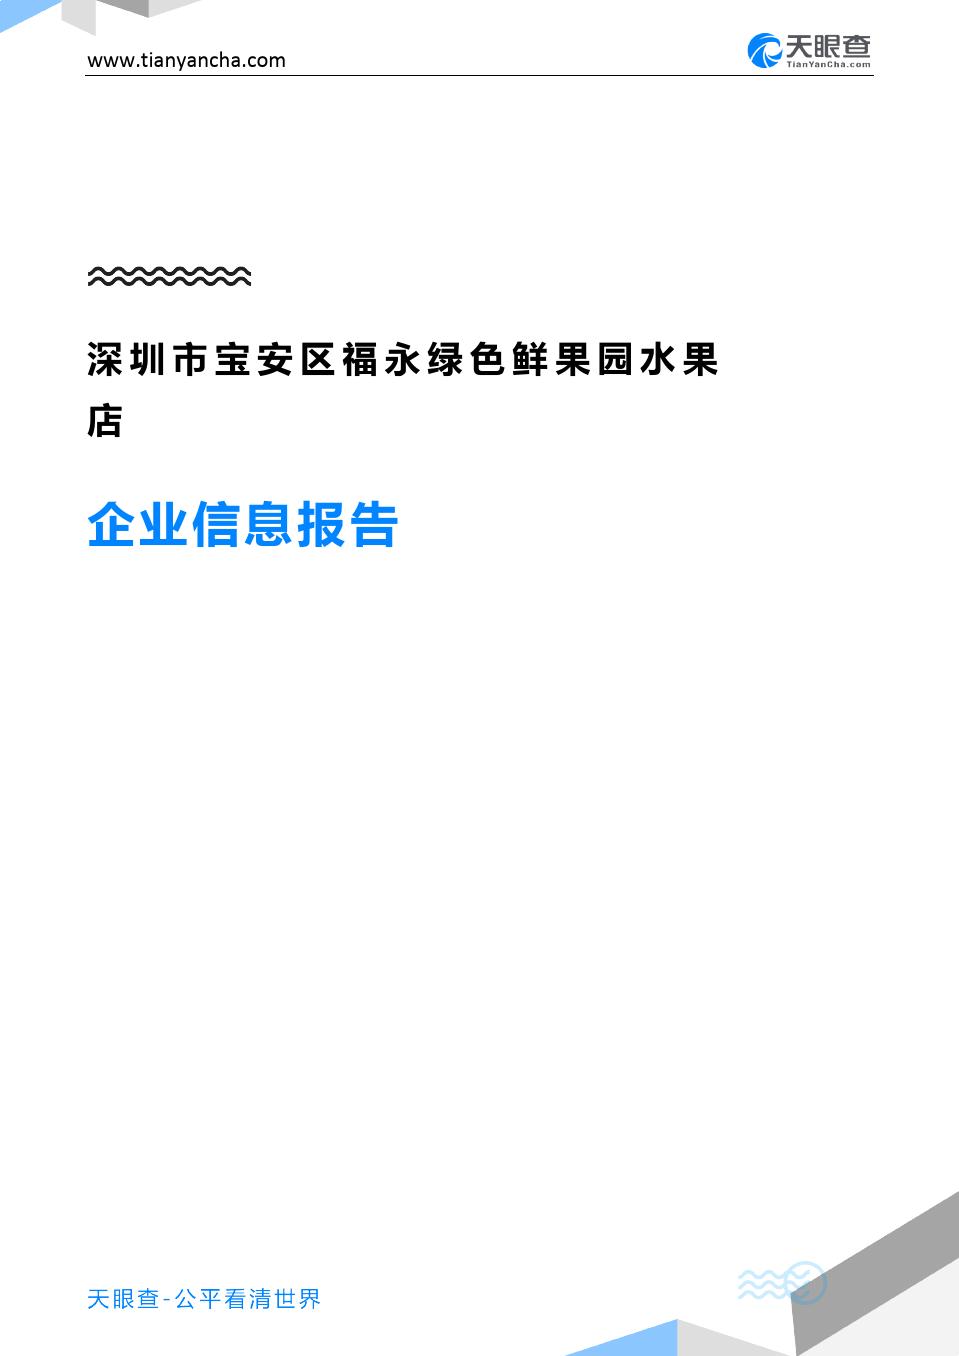 深圳市宝安区福永绿色鲜果园水果店企业信息报告-天眼查